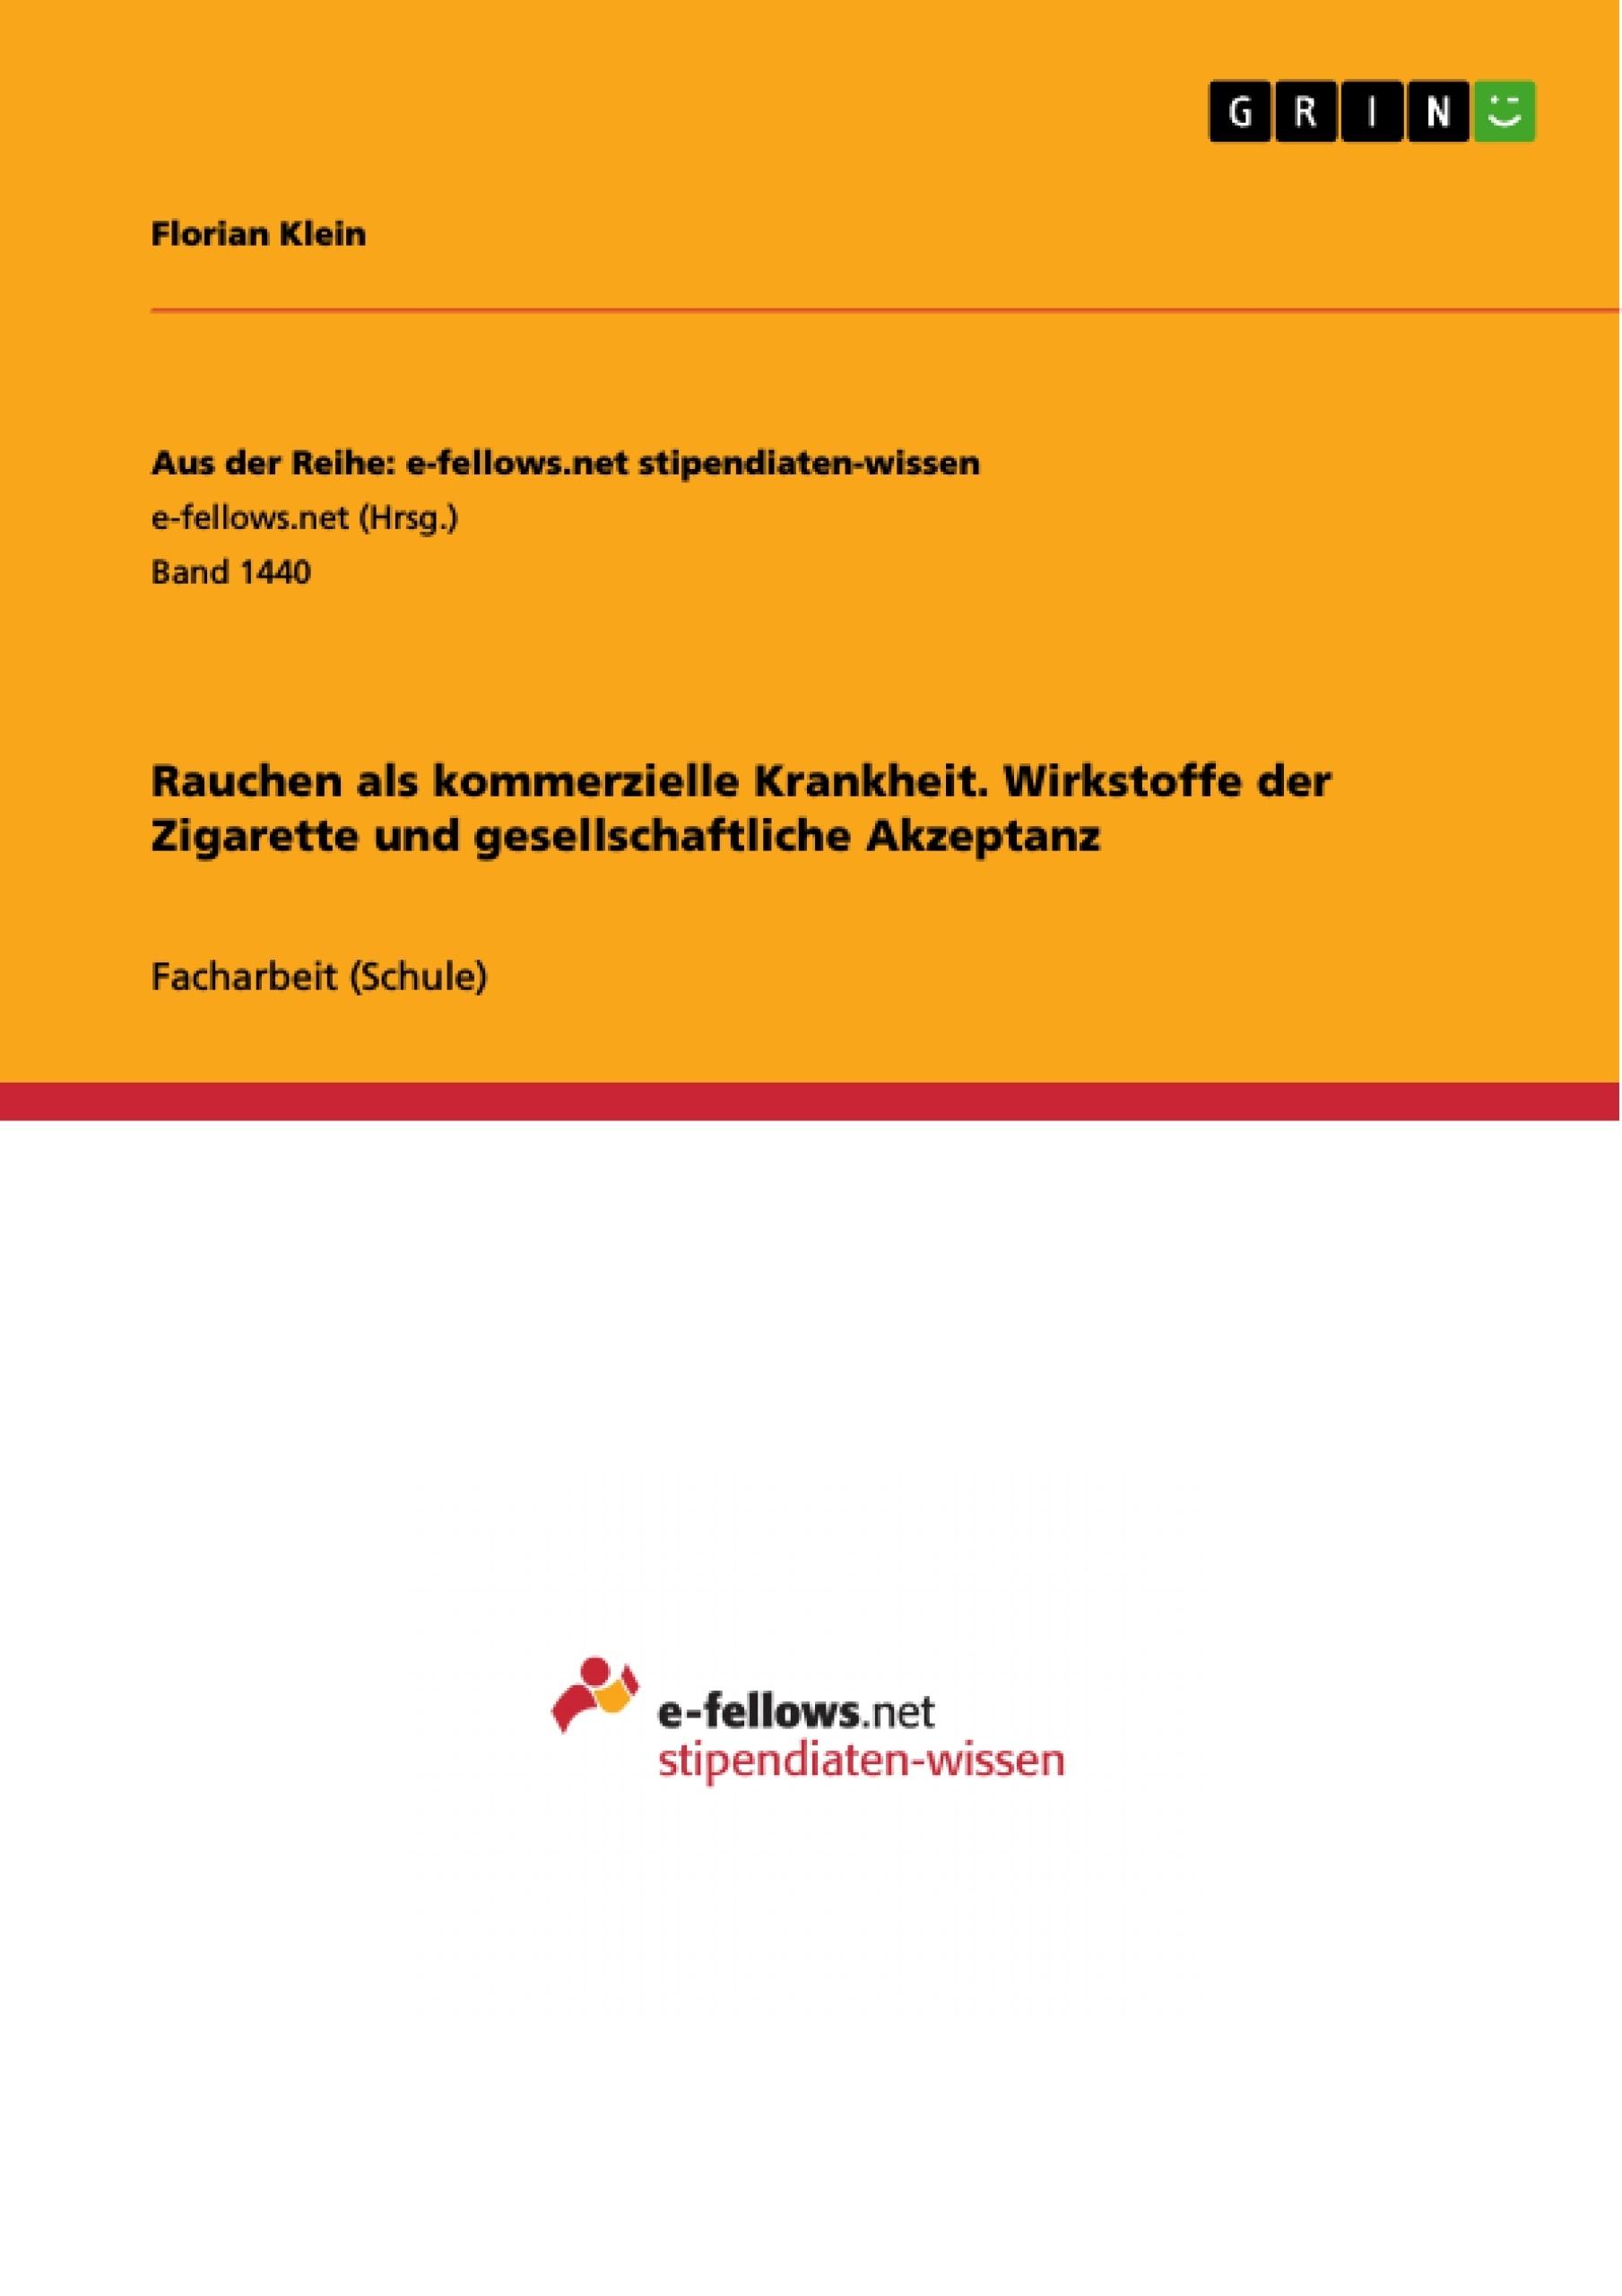 Titel: Rauchen als kommerzielle Krankheit. Wirkstoffe der Zigarette und gesellschaftliche Akzeptanz